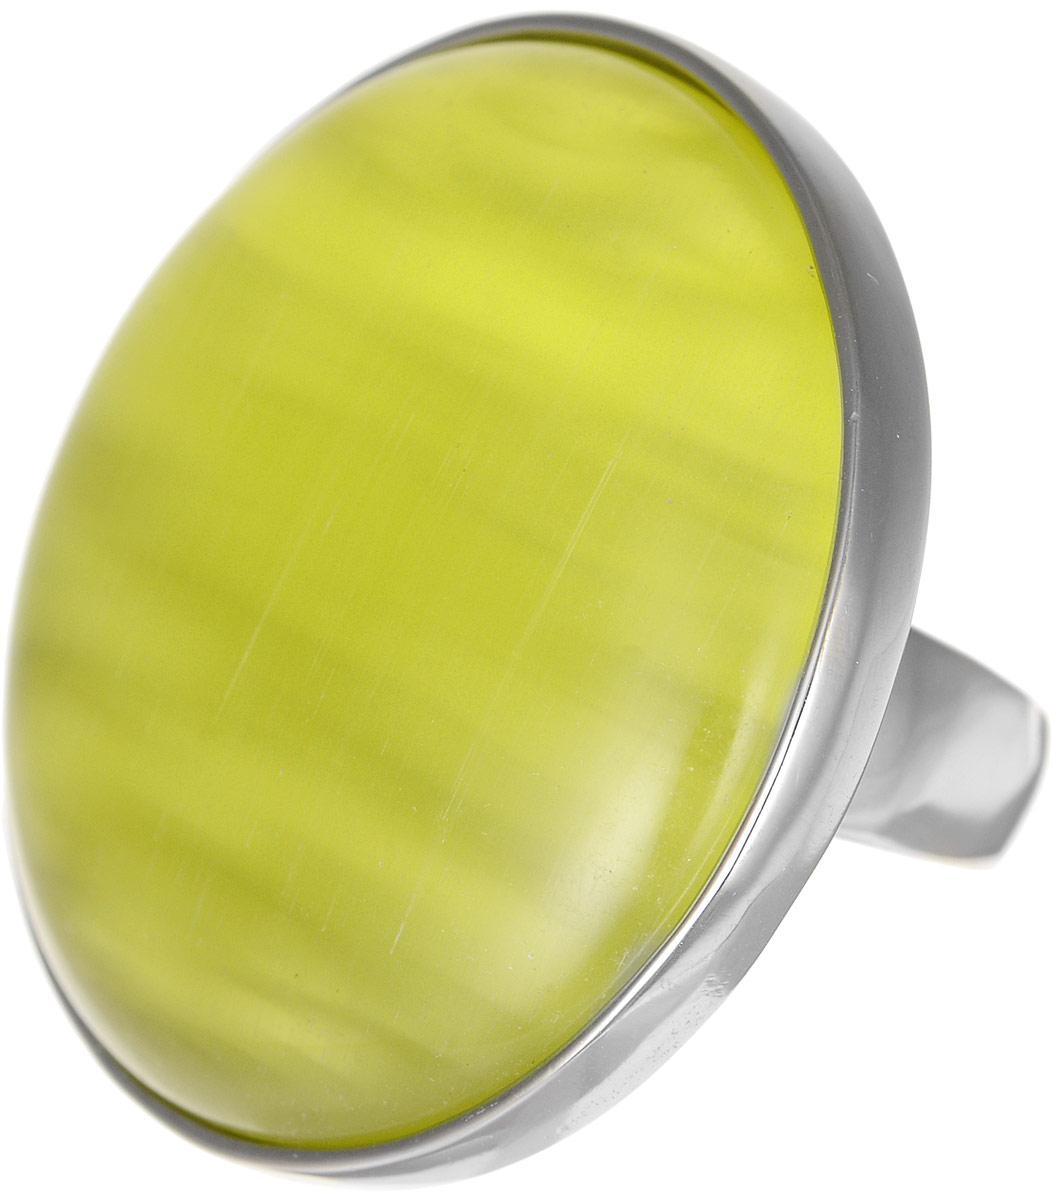 Кольцо Polina Selezneva, цвет: серебристый, желтый. DG-0021. Размер 17DG-0021-07Оригинальное кольцо Polina Selezneva, выполнено из металлического сплава. Декоративная часть оформлена в форме круга. Изделие украшено искусственным камнем. Такое кольцо это блестящее завершение вашего неповторимого и смелого образа и отличный подарок для ценительницы необычных украшений!